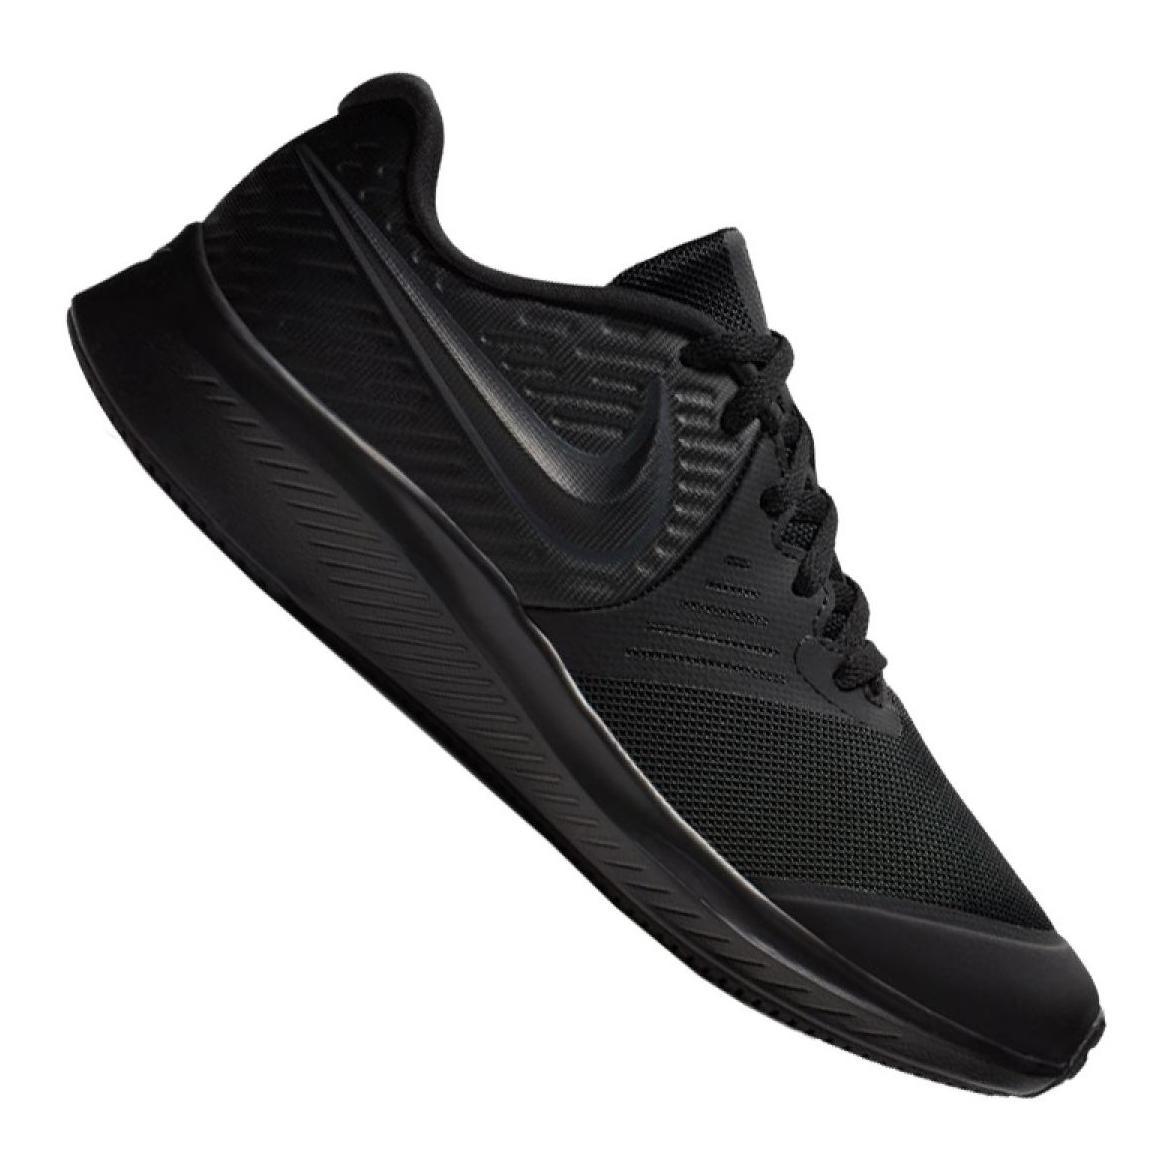 Sapatilhas Nike Star Runner 2 Gs Jr AQ3542 003 preto